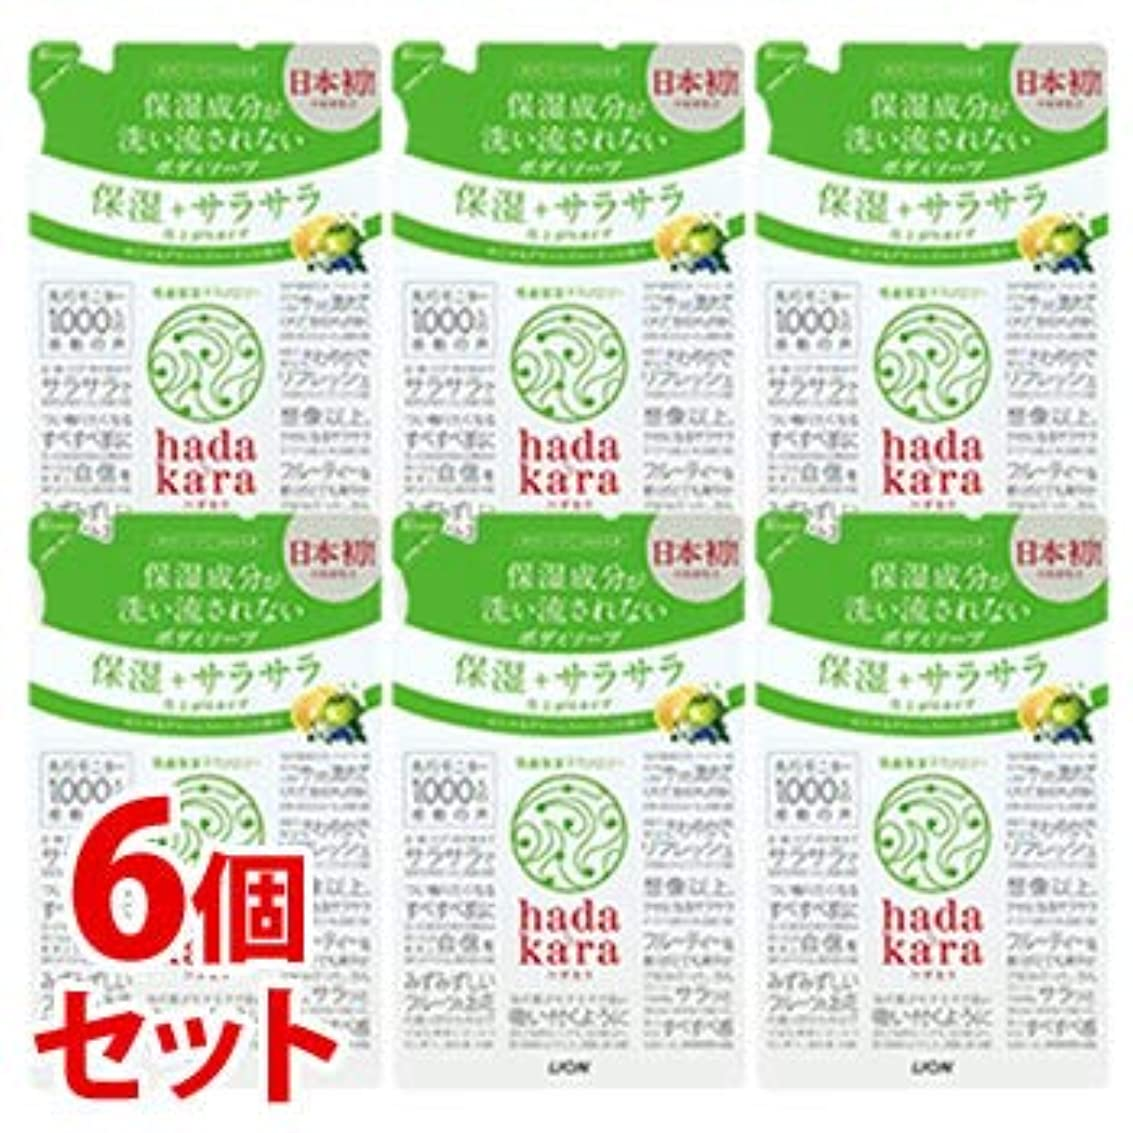 不平を言う兵士版《セット販売》 ライオン ハダカラ hadakara ボディソープ 保湿+サラサラ仕上がりタイプ グリーンフルーティの香り つめかえ用 (340mL)×6個セット 詰め替え用